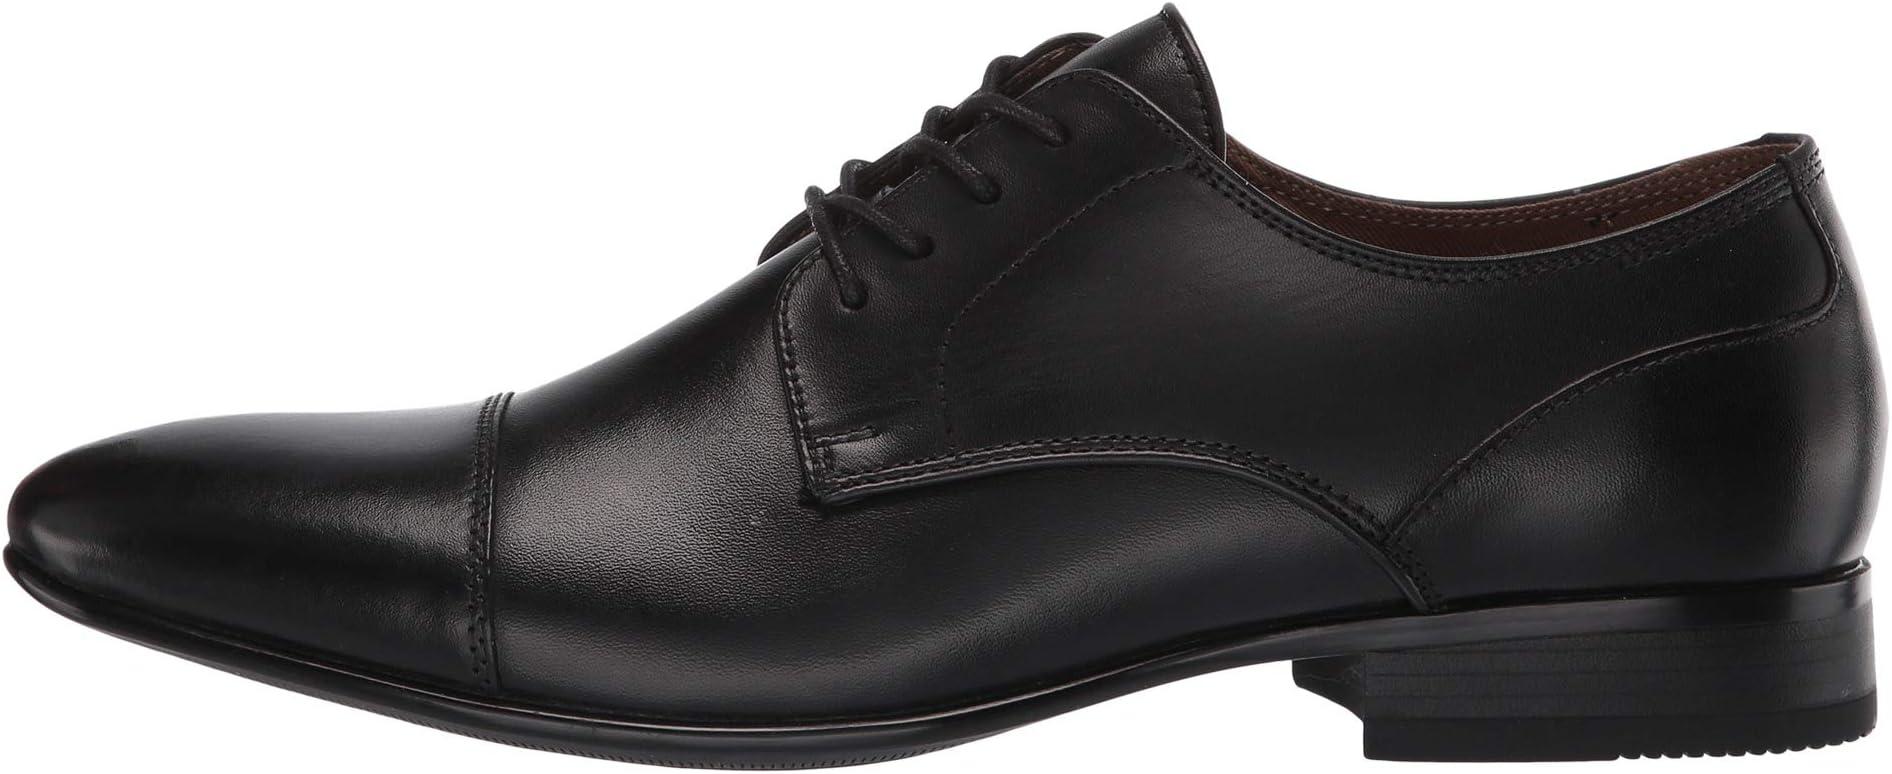 ALDO Lynol | Men's shoes | 2020 Newest